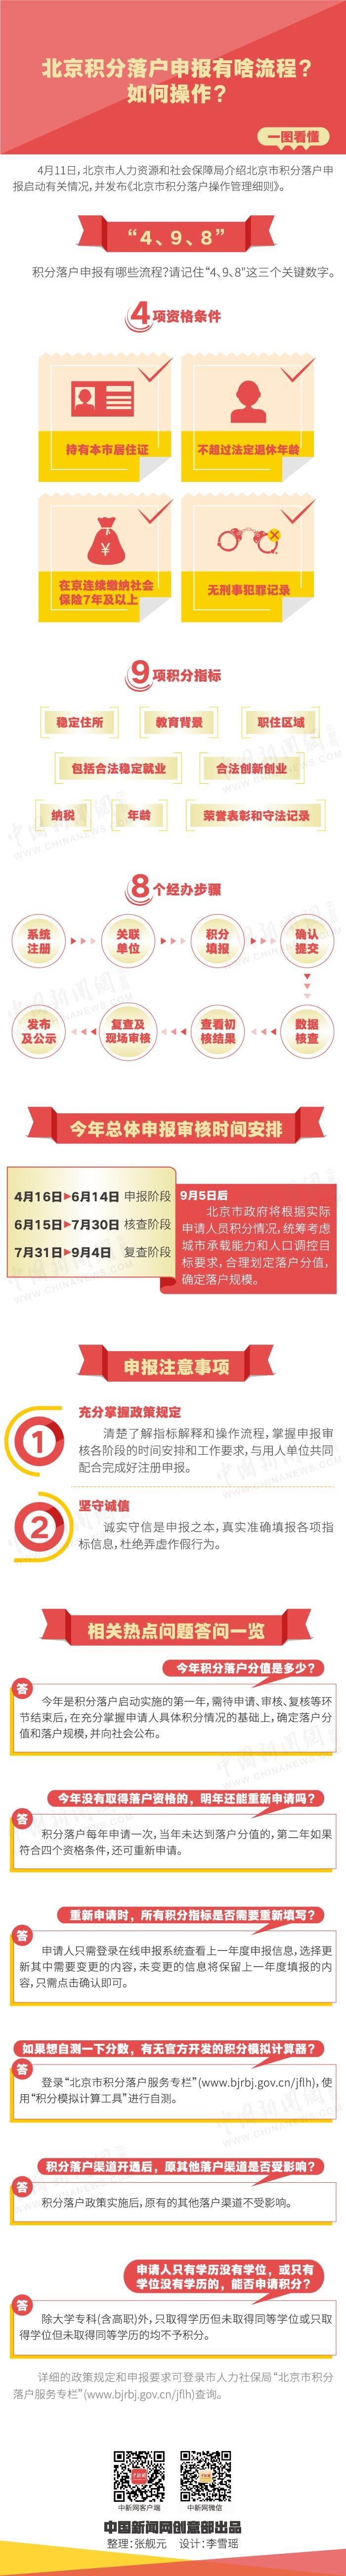 北京赛车到底怎么赚钱:北京积分落户申报有啥流程?如何操作?一图看懂